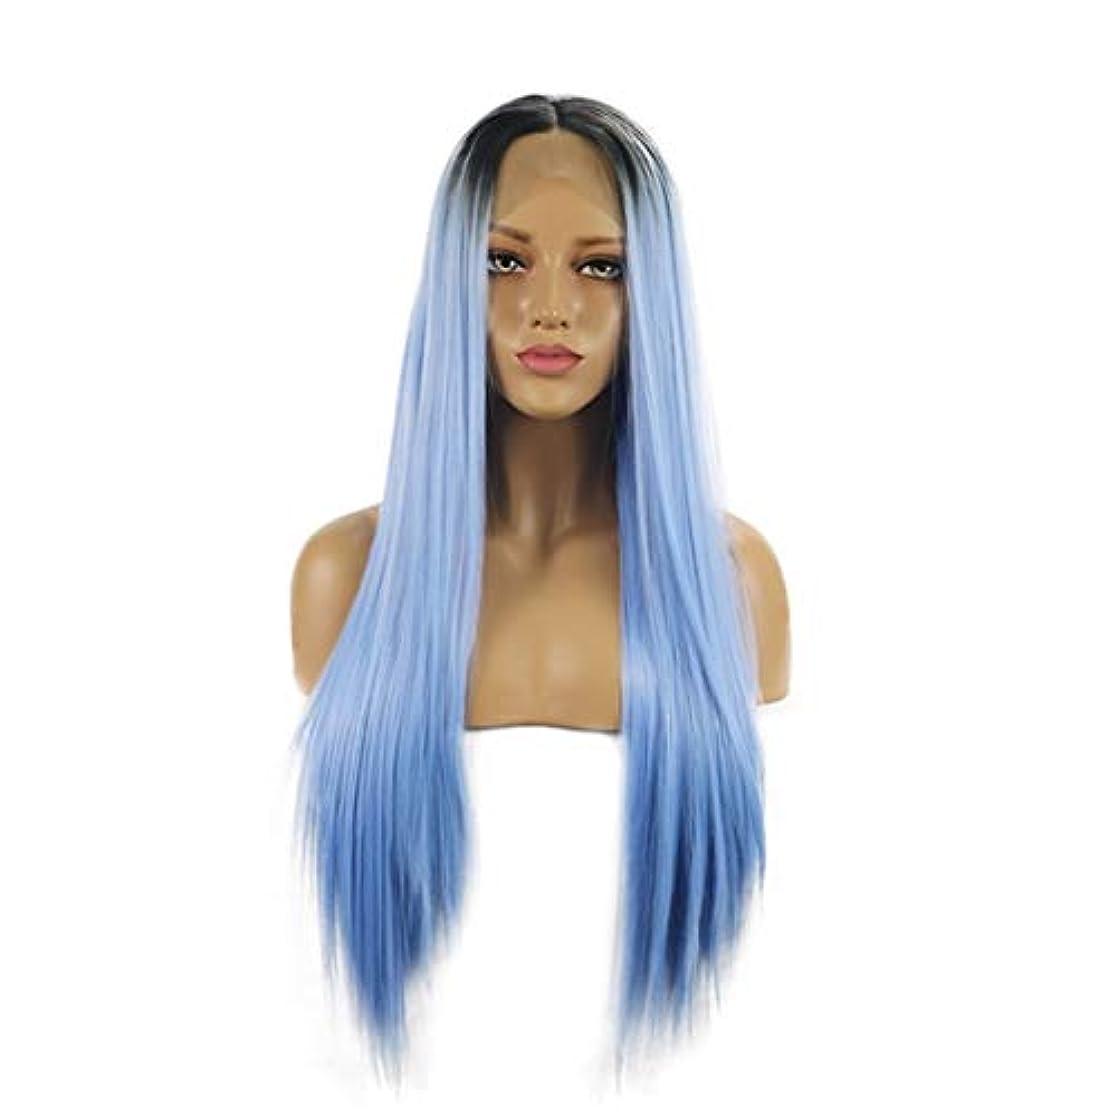 人種ラボキッチンKoloeplf 耐熱性の自然な女性のための長いまっすぐな総合的な毛のレースの前部かつら (Size : 26inch)